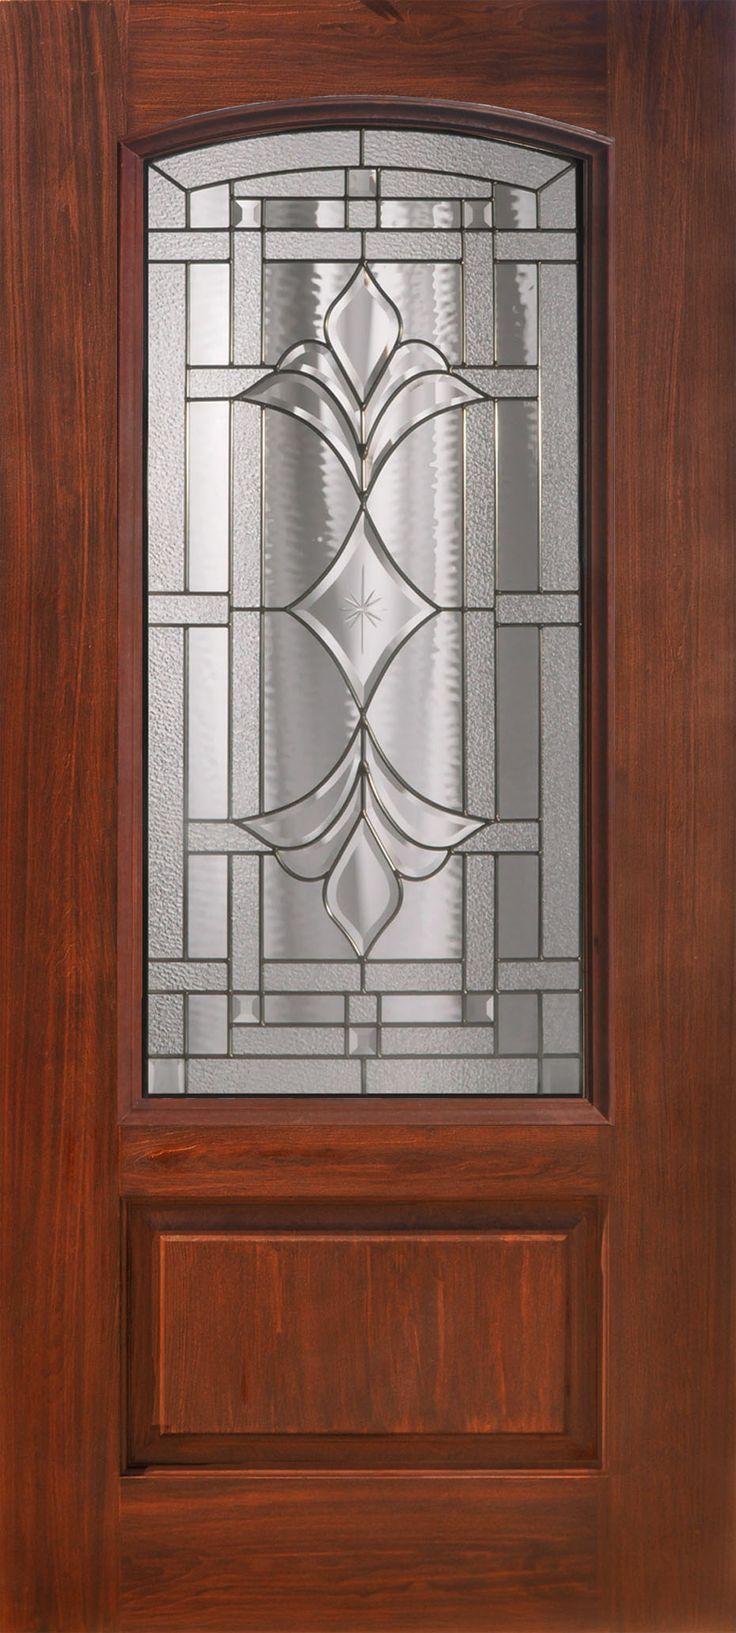 New Fiberglass Basement Door